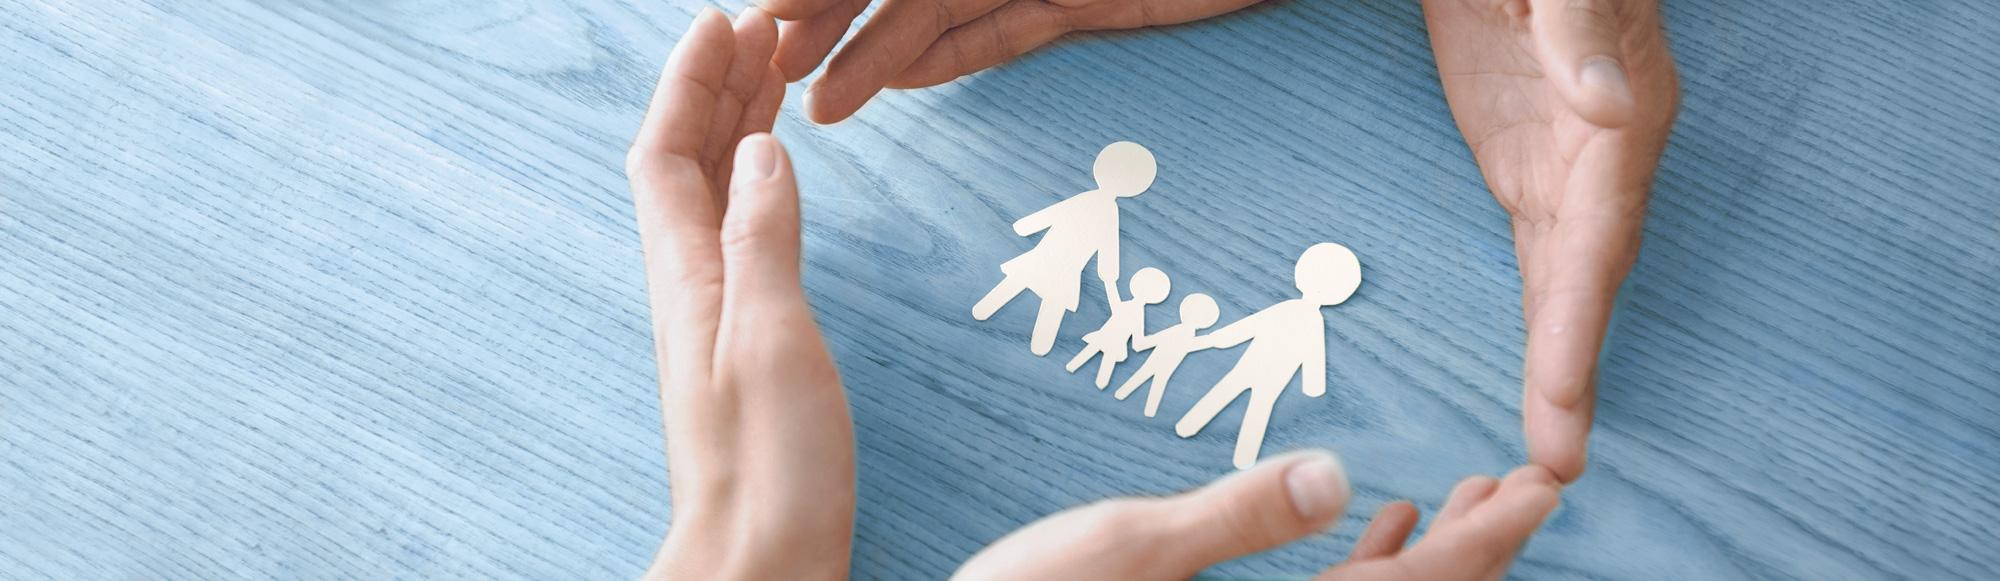 Assegno familiare e Family act